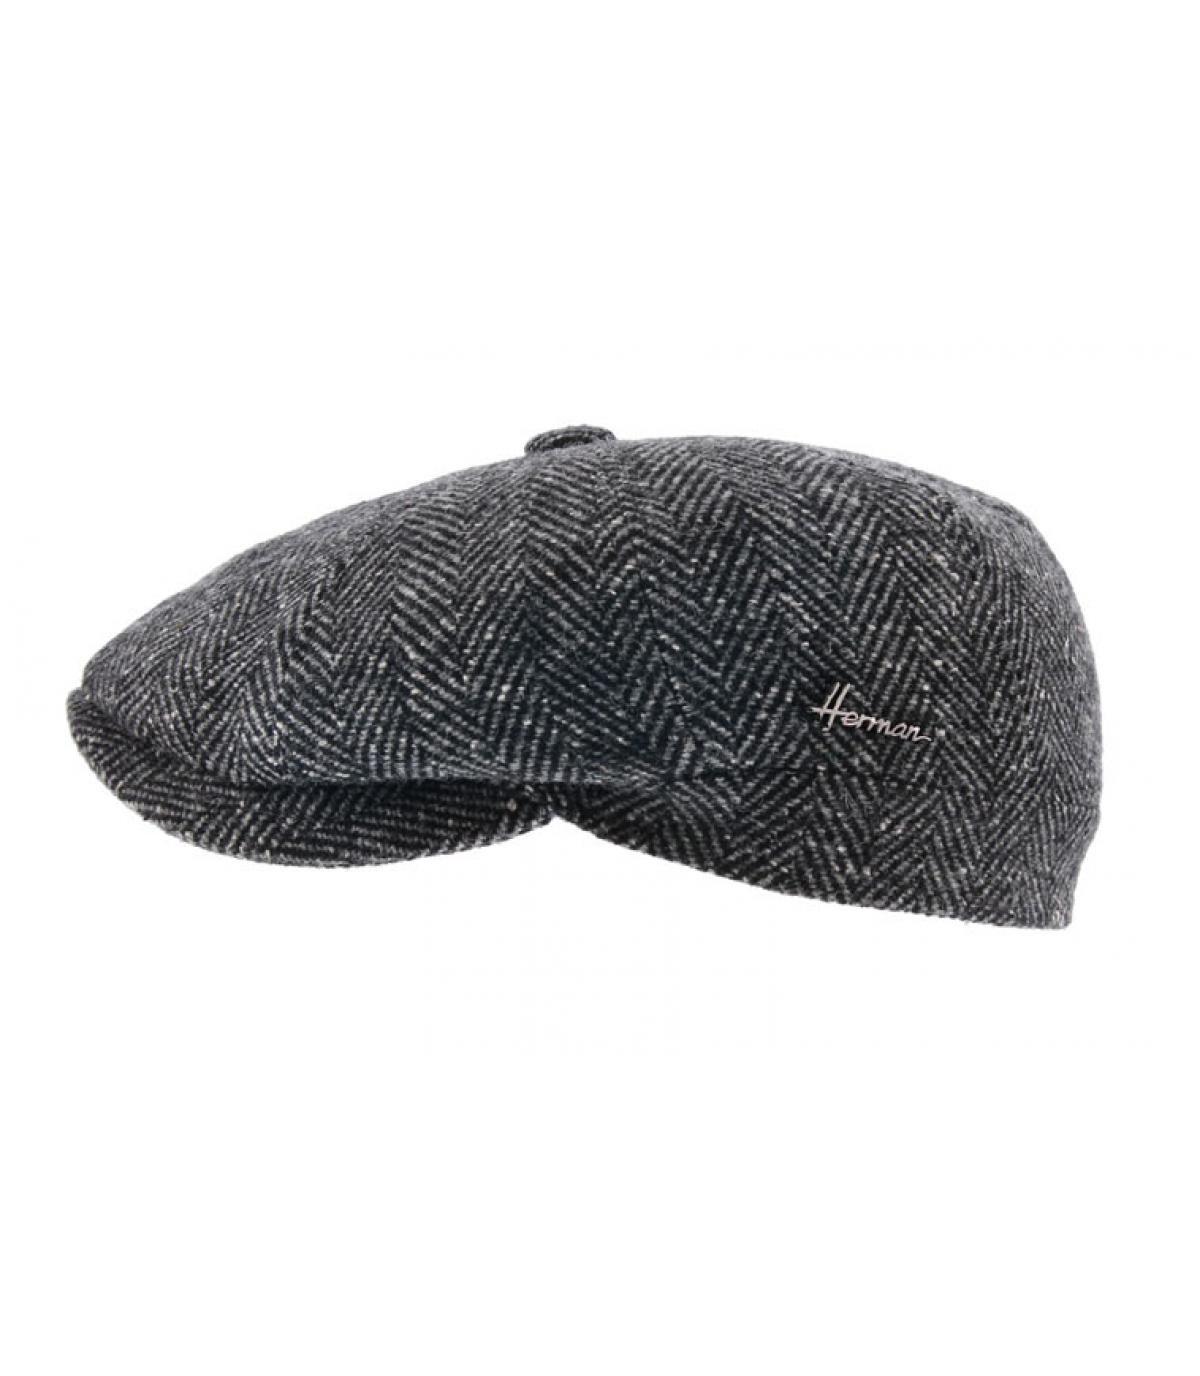 Détails Advancer Wool black - image 2